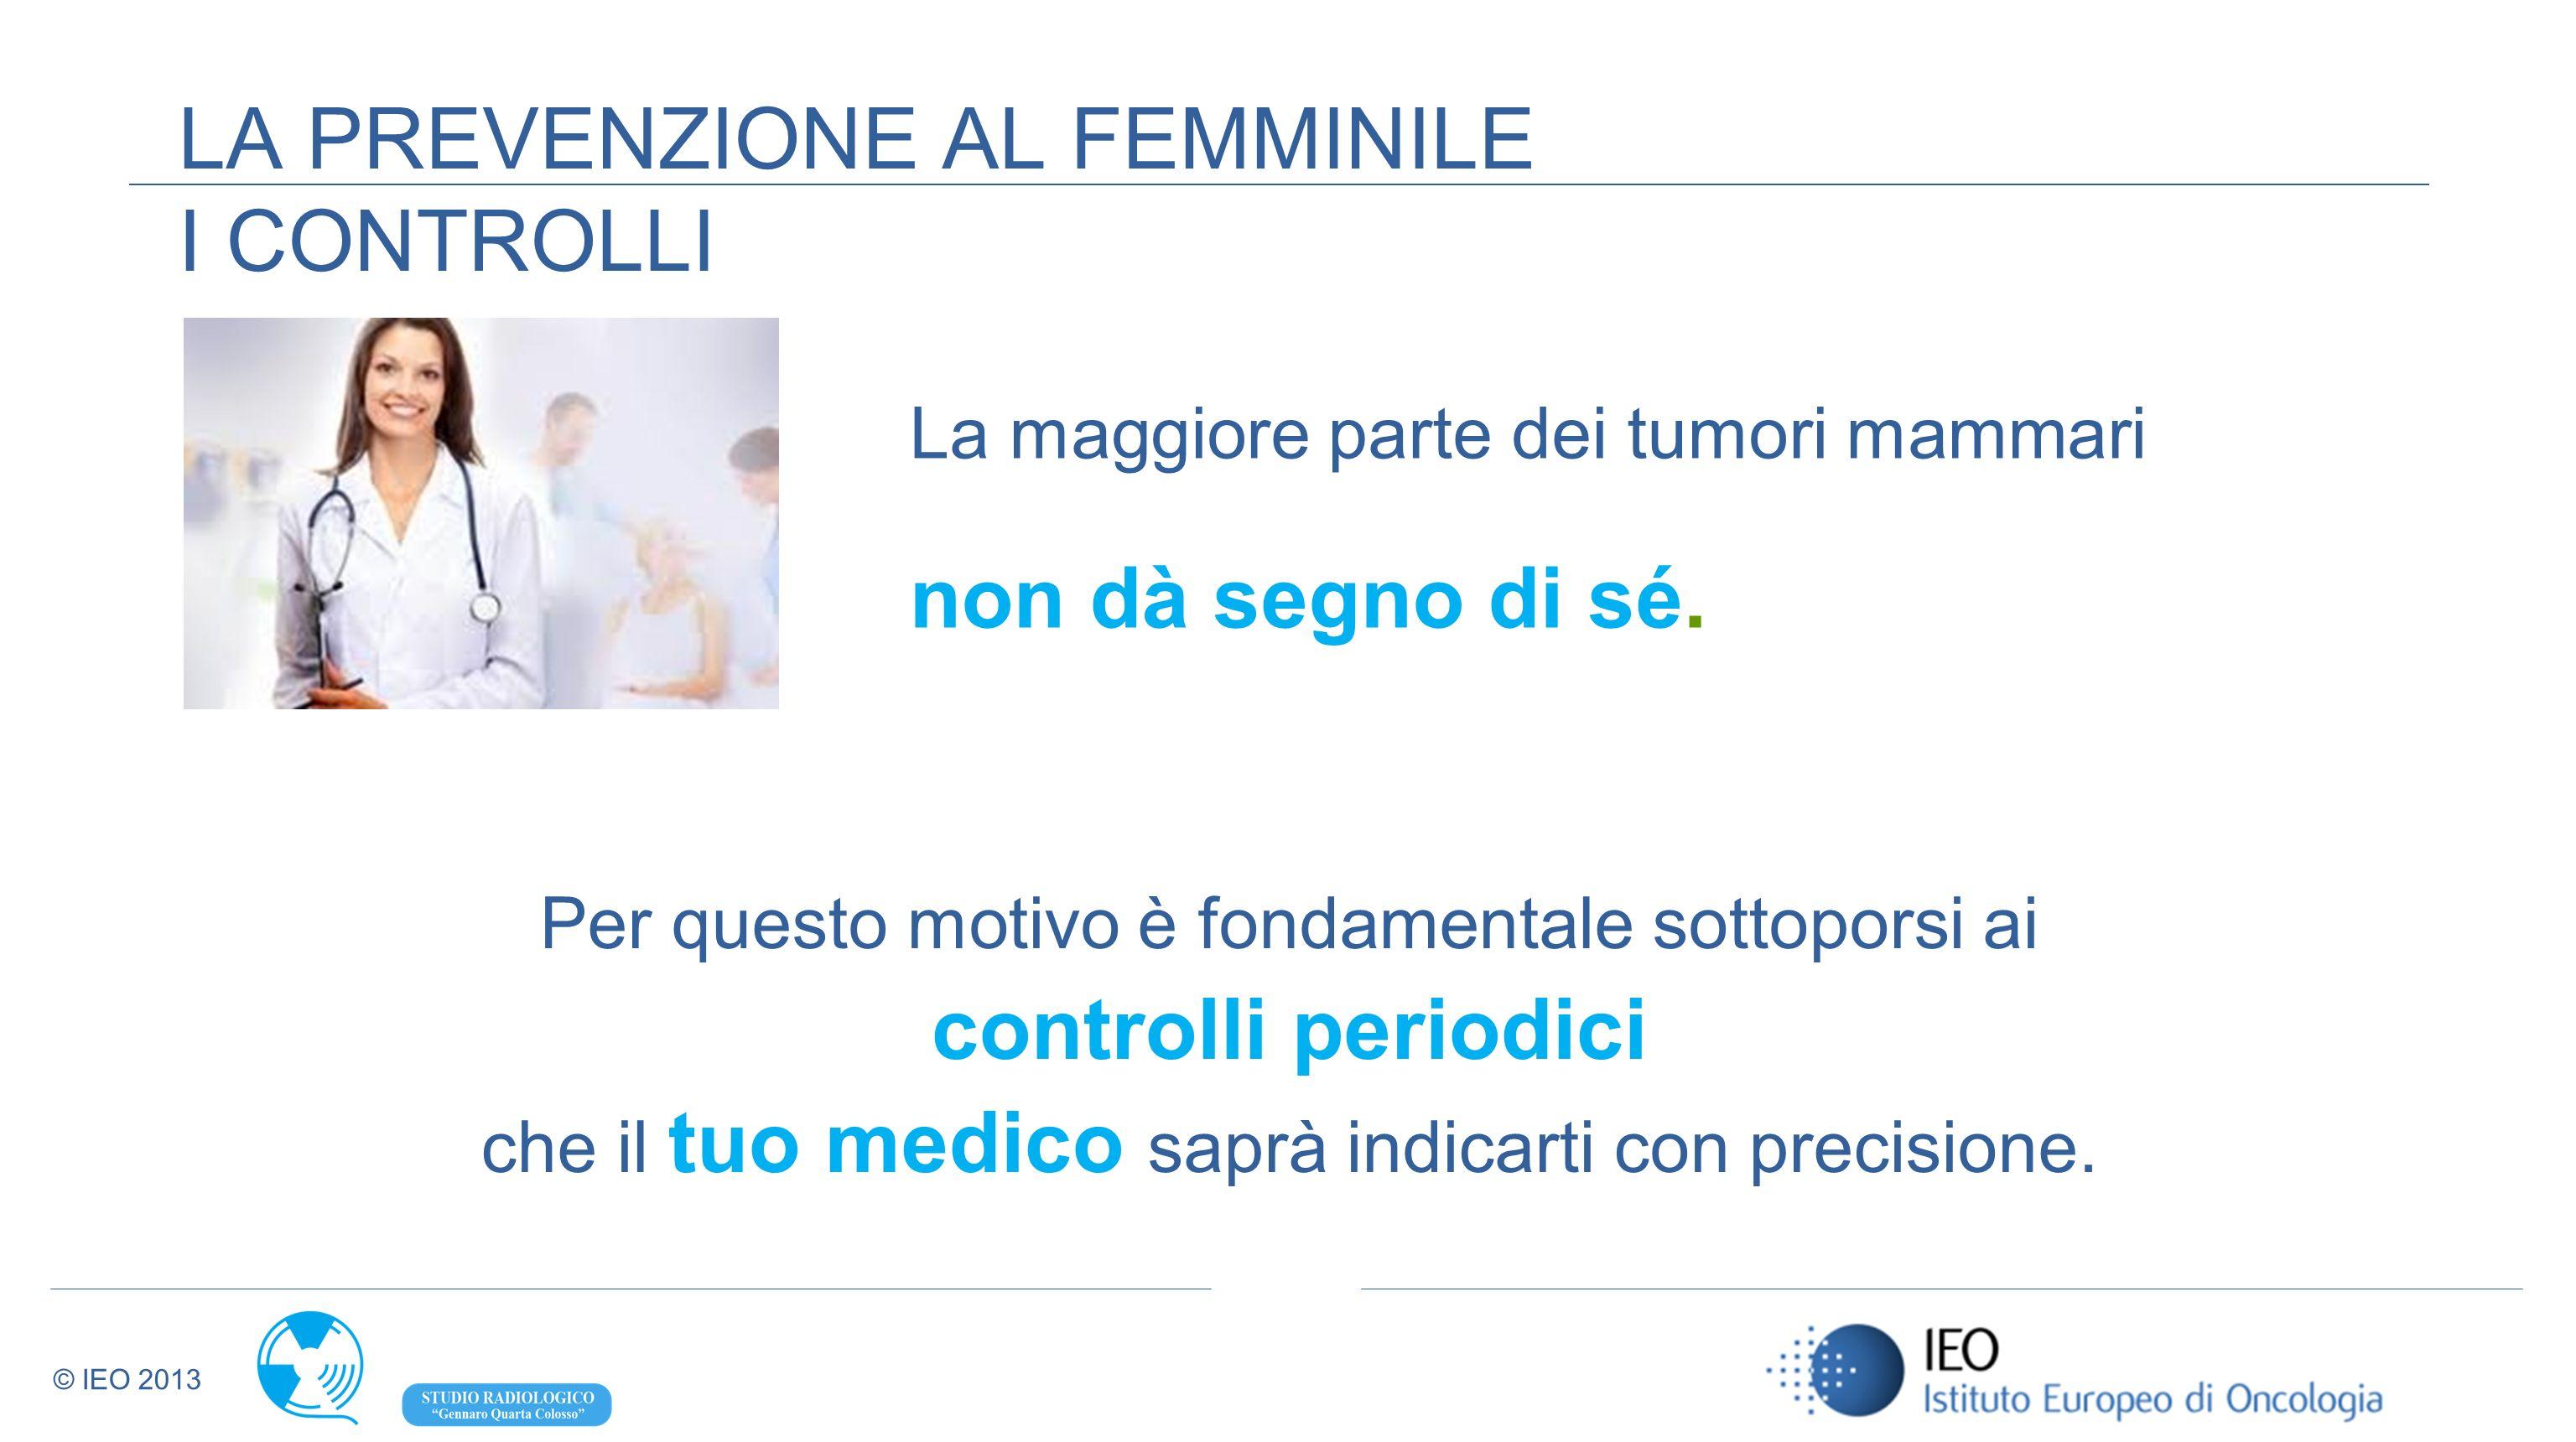 © IEO 2013 Istituto Europeo di Oncologia Via Ripamonti, 435 Milano Tel.: 02 57489.891 Web:www.ieo.itwww.ieo.it PER ULTERIORI INFORMAZIONI Studio Radiologico Gennaro Quarta Colosso Via Campi 172 – Squinzano (LE) Tel.: 0832.1815000 Web: http://www.quartacolosso.com/http://www.quartacolosso.com/